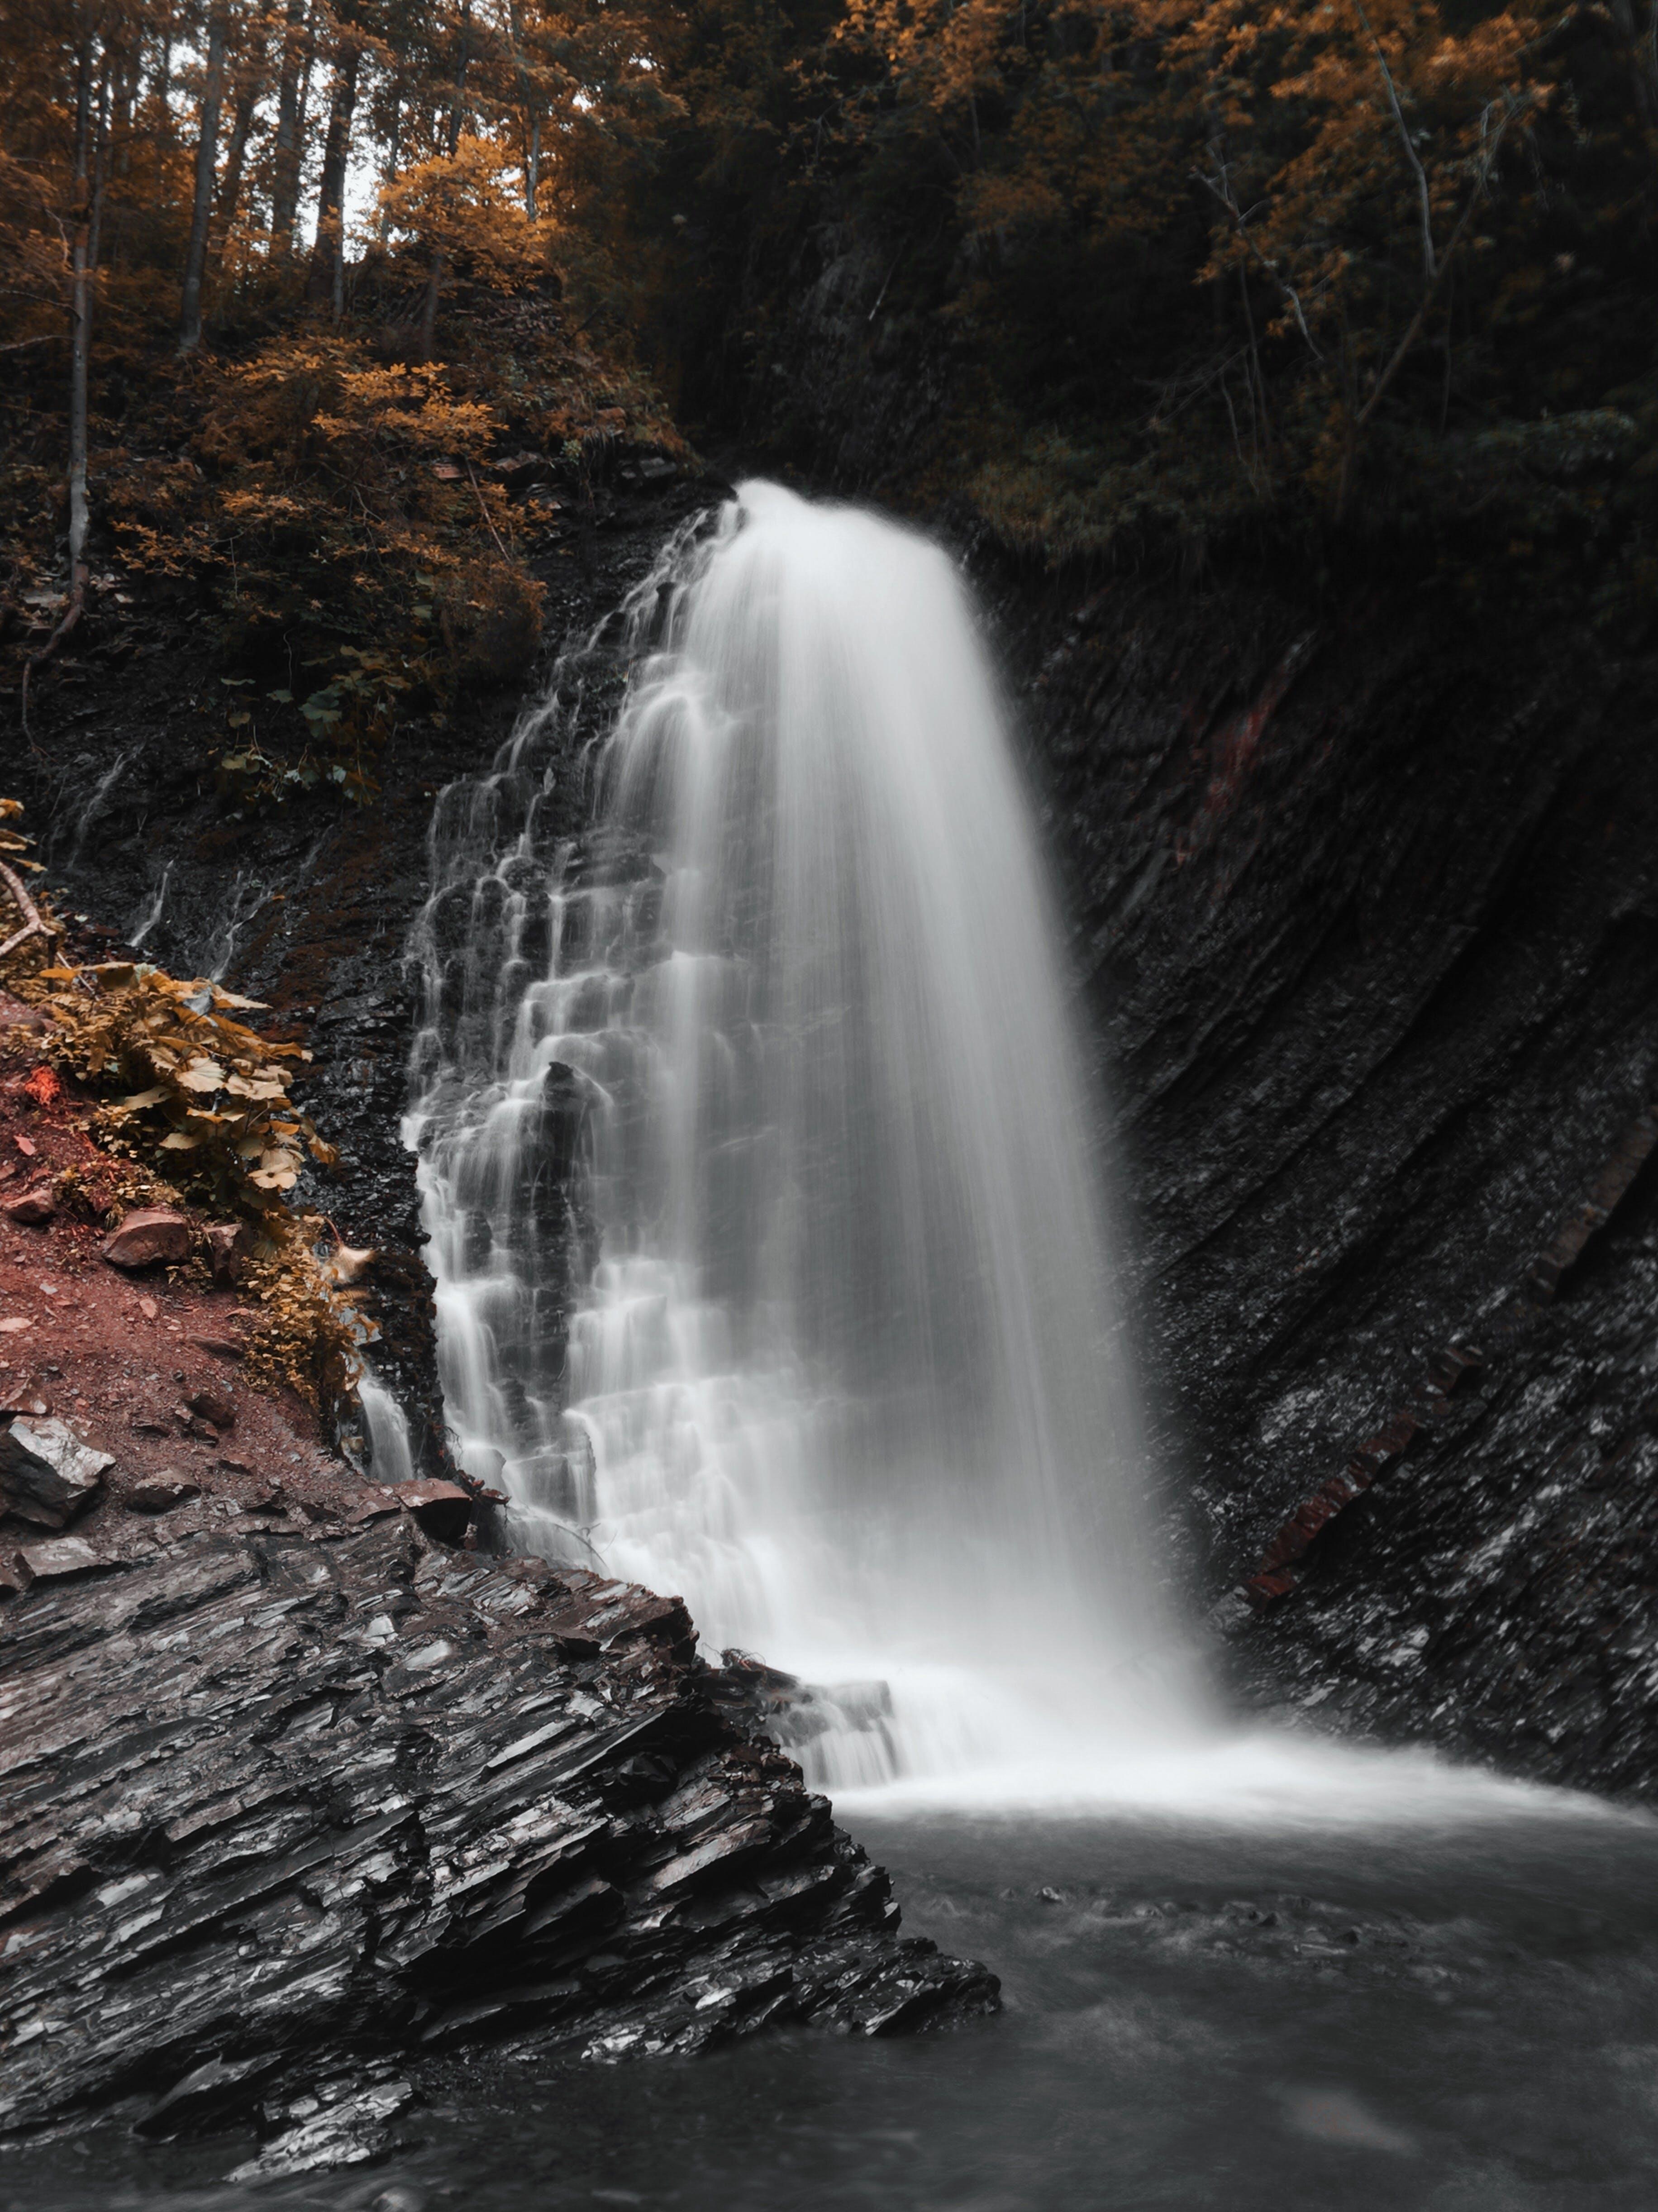 cascade, flow, long-exposure